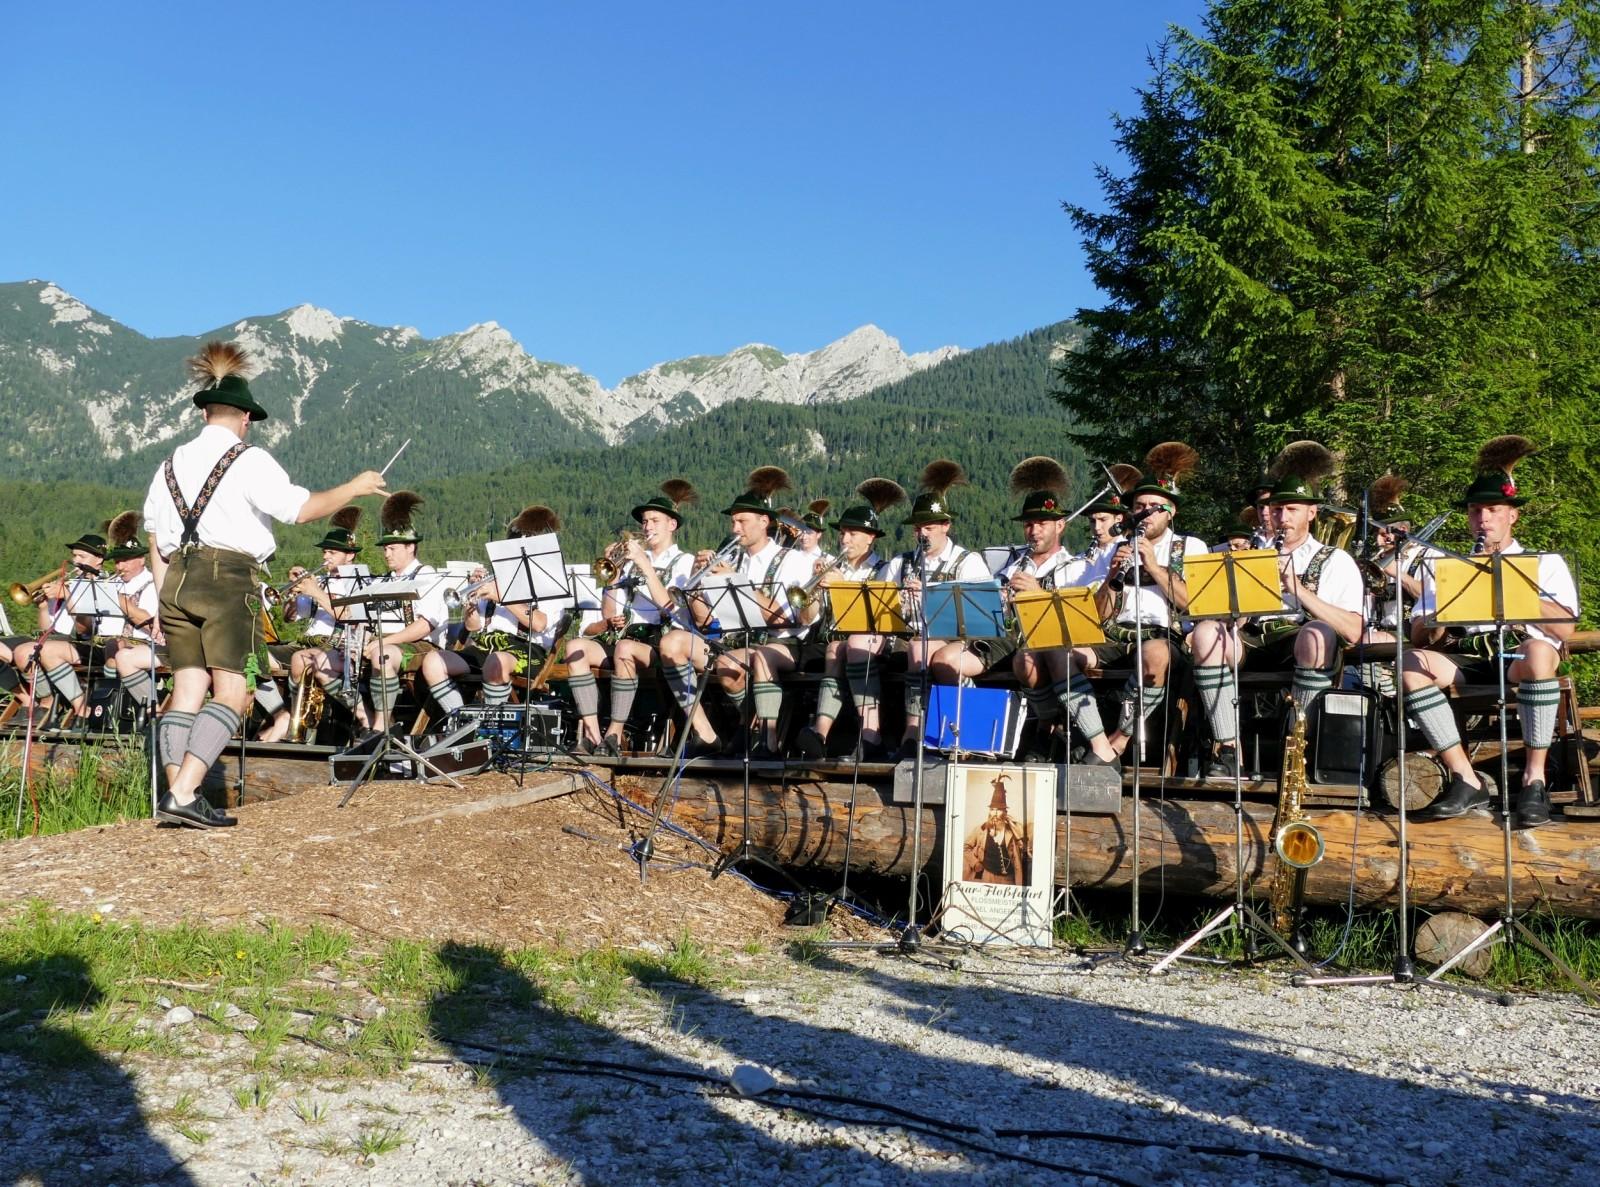 Konzert der Musikkapelle Wallgau auf der Floßbühne an der Isar Concert with the wallgau brass band at the raft stage on the isar river